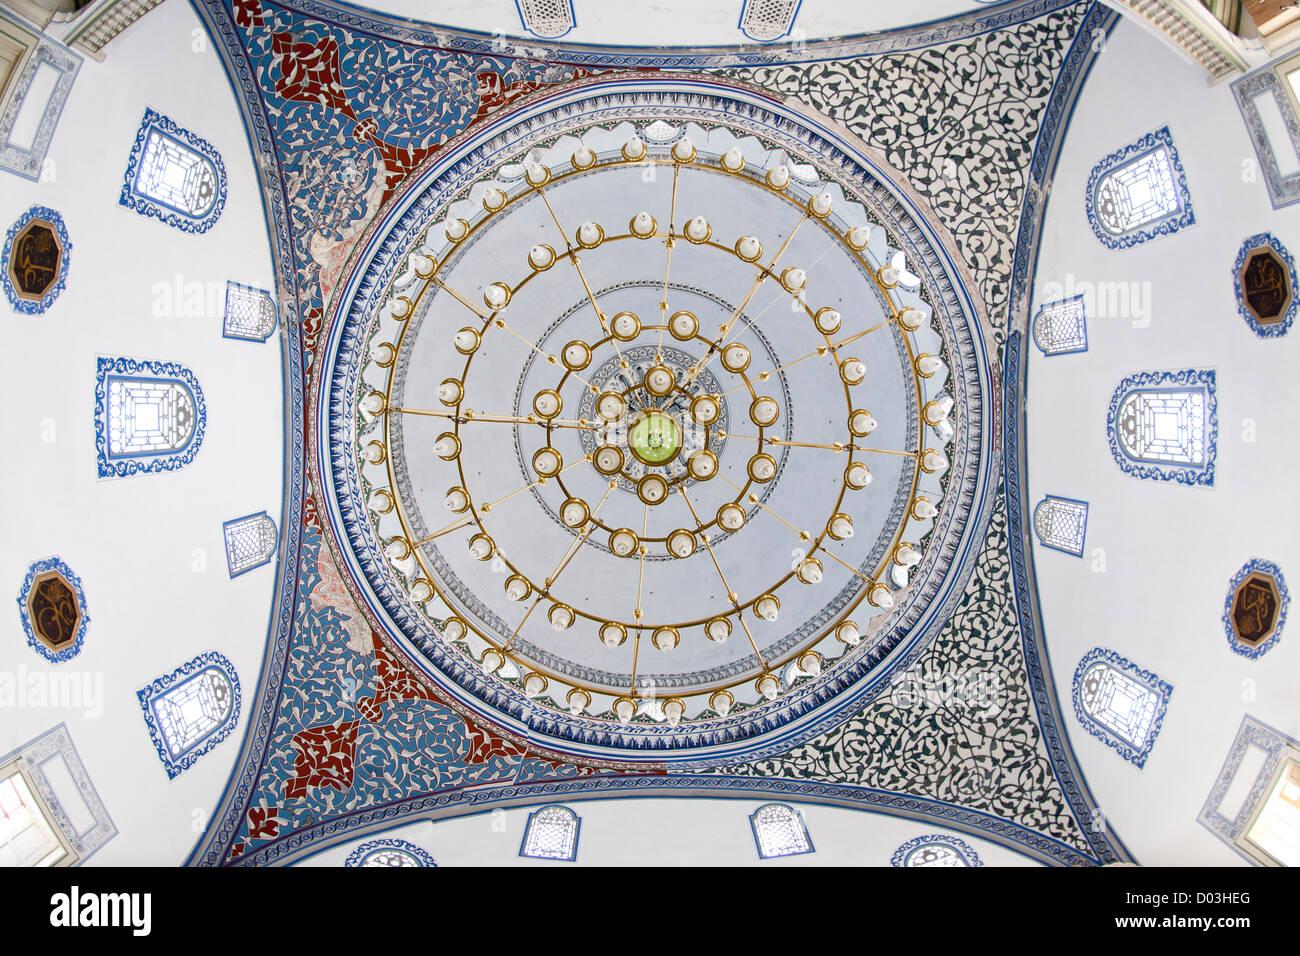 Decke der Mustafa Pasha Moschee in Skopje, die Hauptstadt von Mazedonien. Stockbild